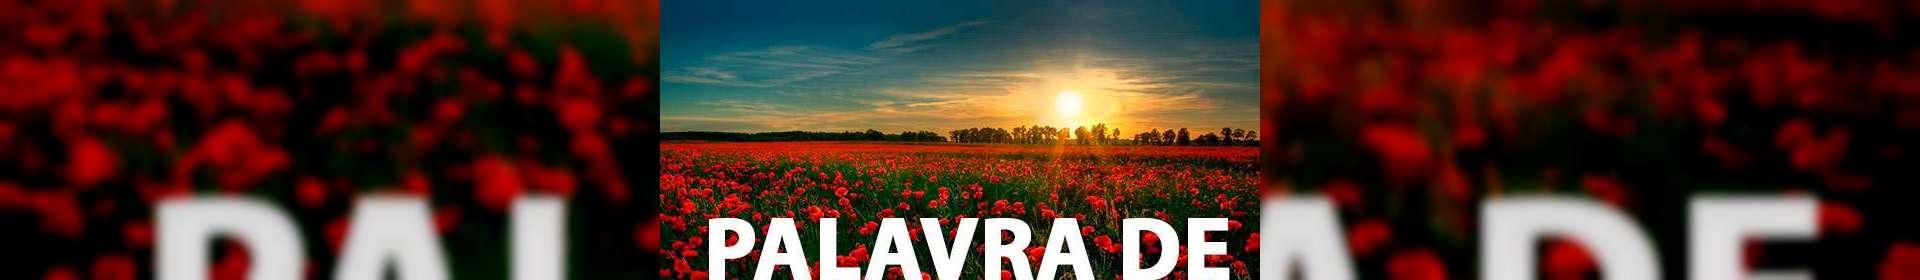 Salmos 119:62-64 - Uma Palavra de Esperança para sua vida